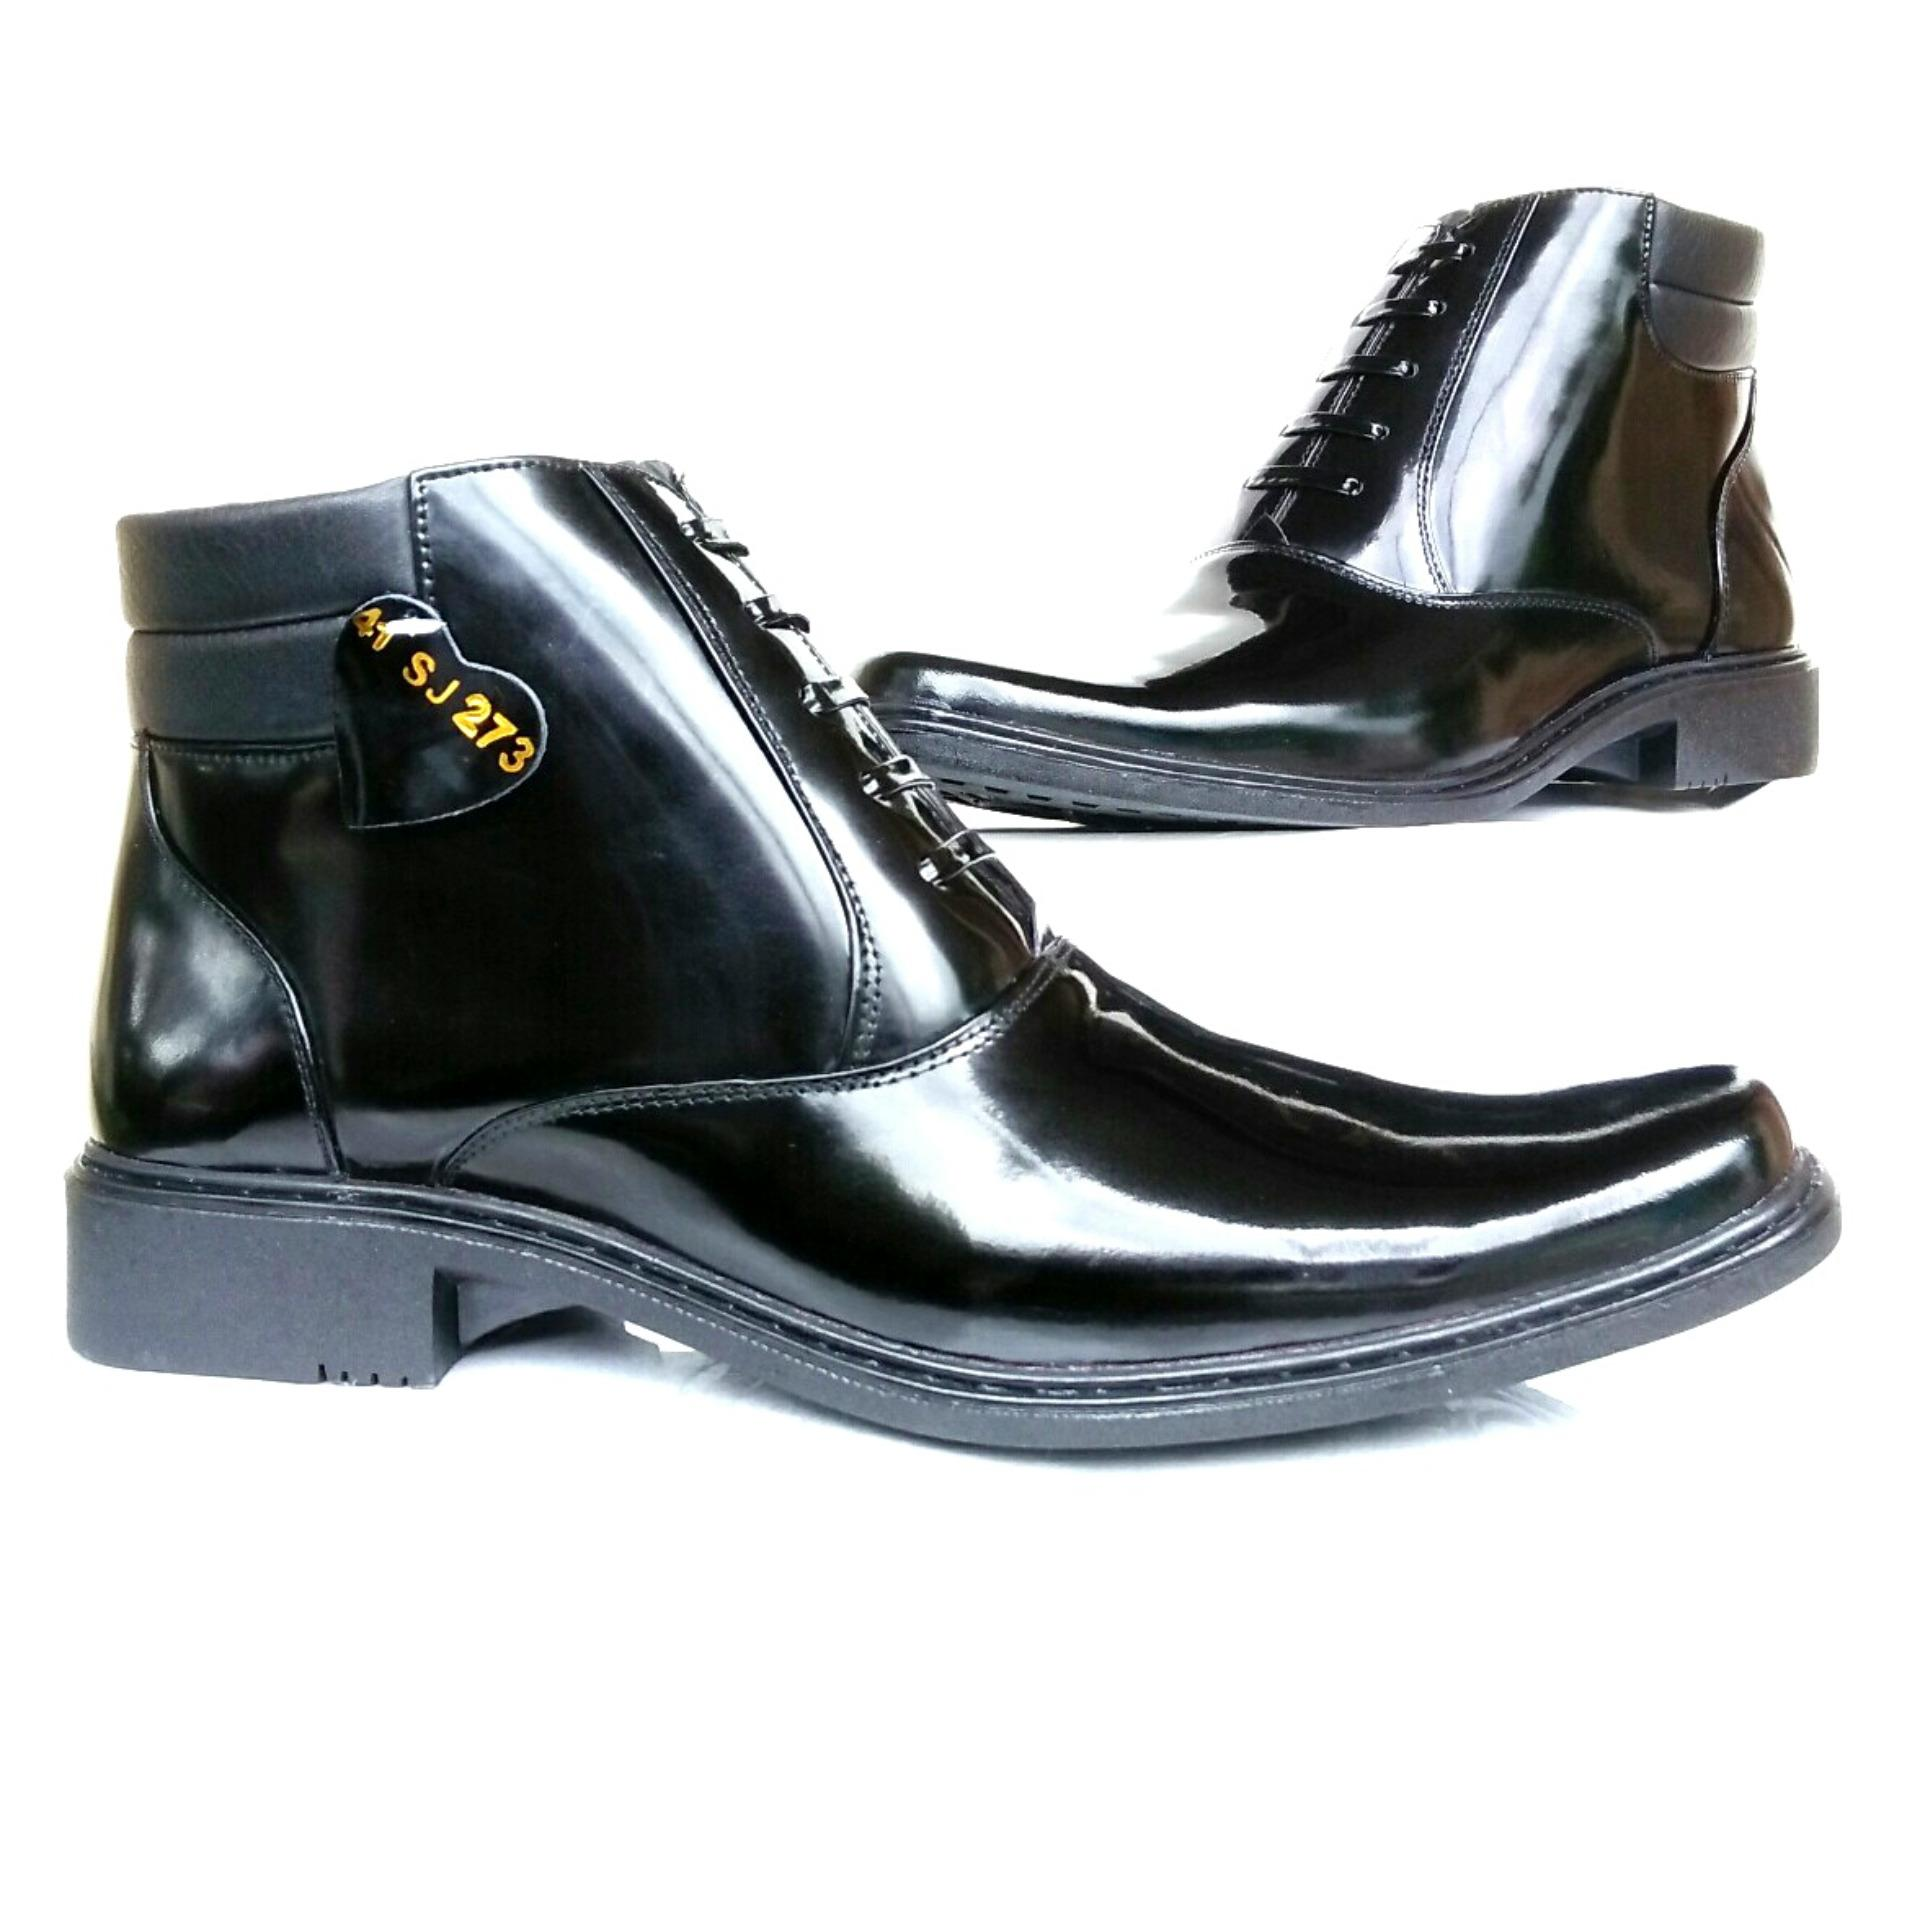 Harga Man Dien Sepatu Kulit Lak Pdh Sj273 Lux Hitam Baru Murah